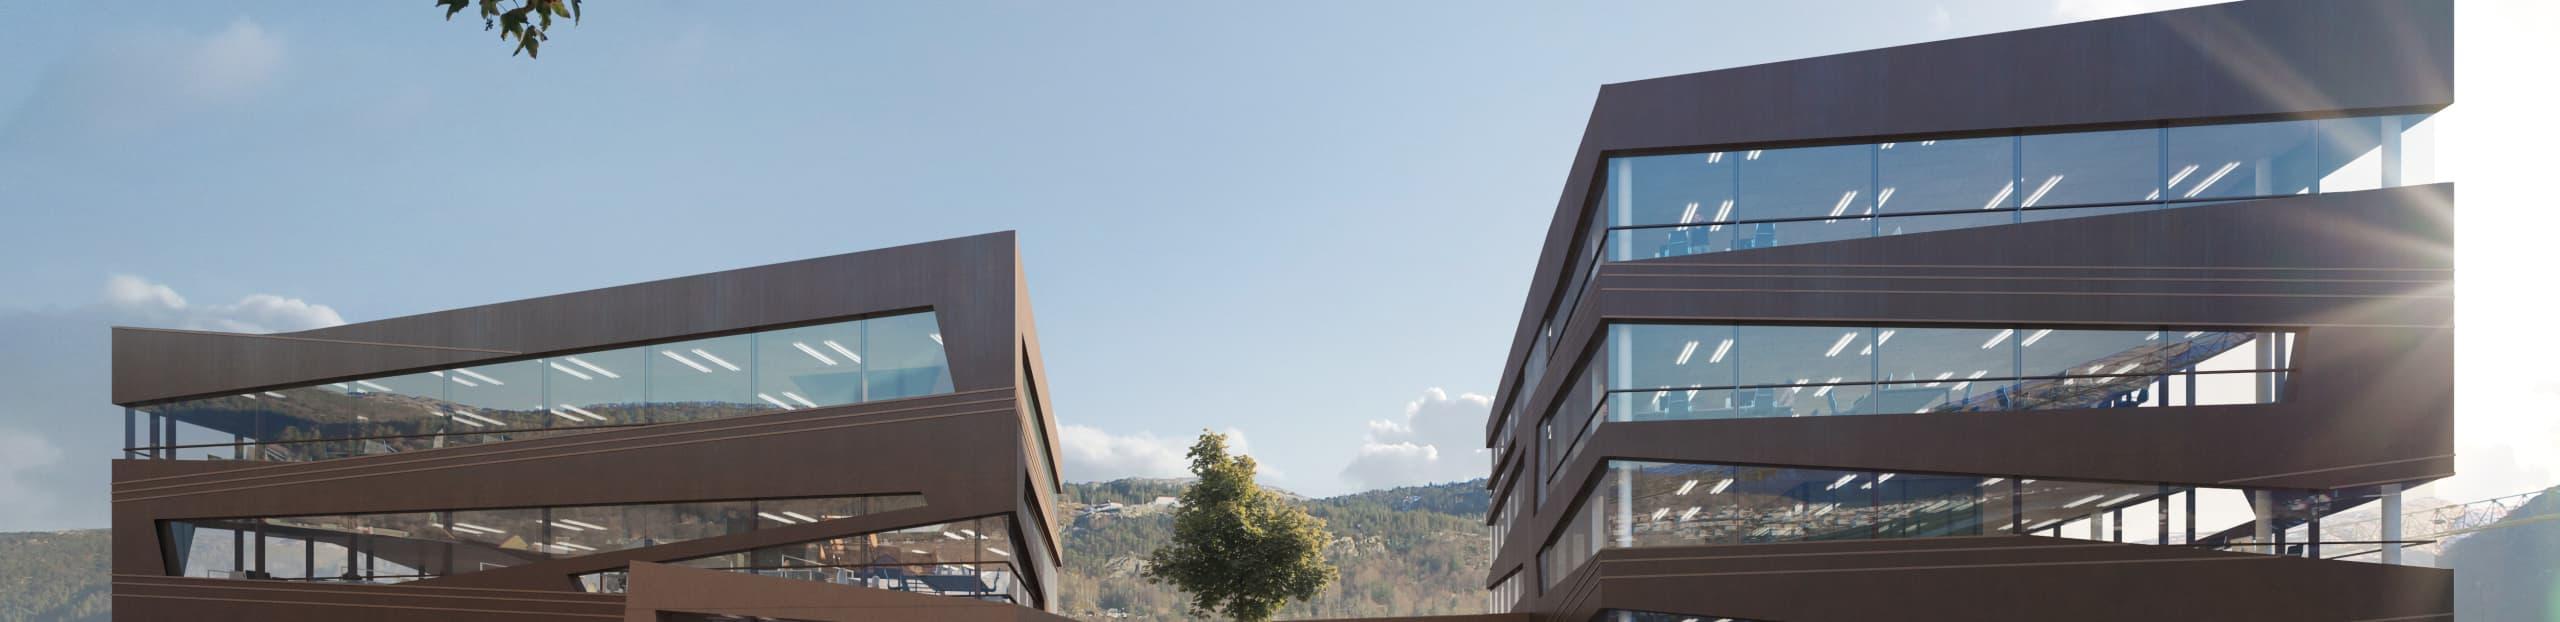 Kilen- praktbygg i hjerte av Damsgård